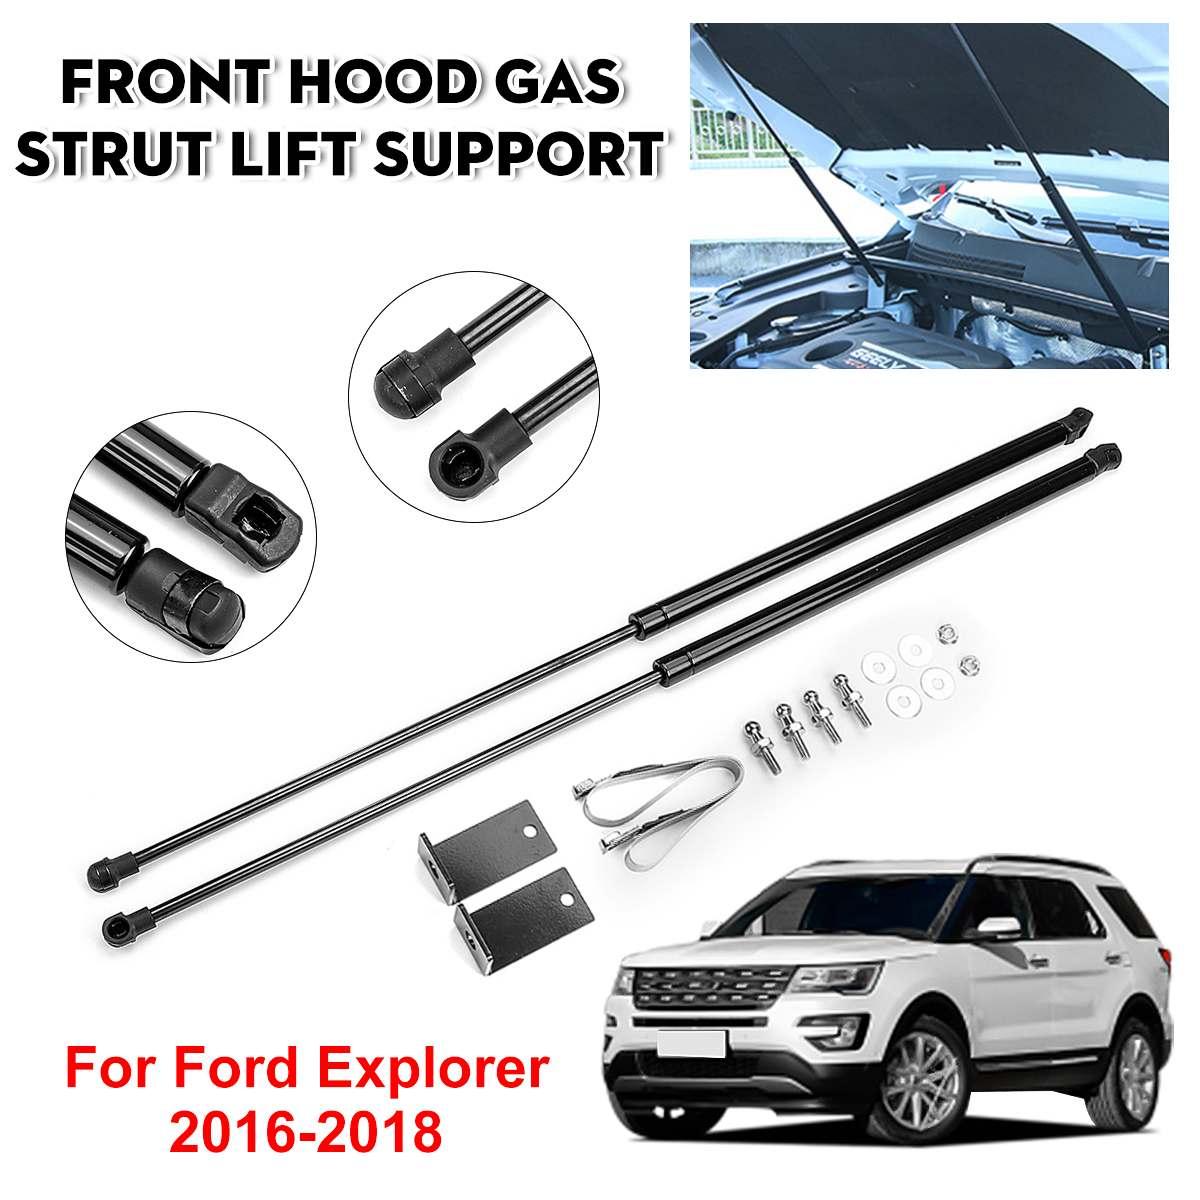 2X capot capot capot capot amortisseurs barre Support bras gaz hydraulique pour Ford Explorer 2016 2017 2018